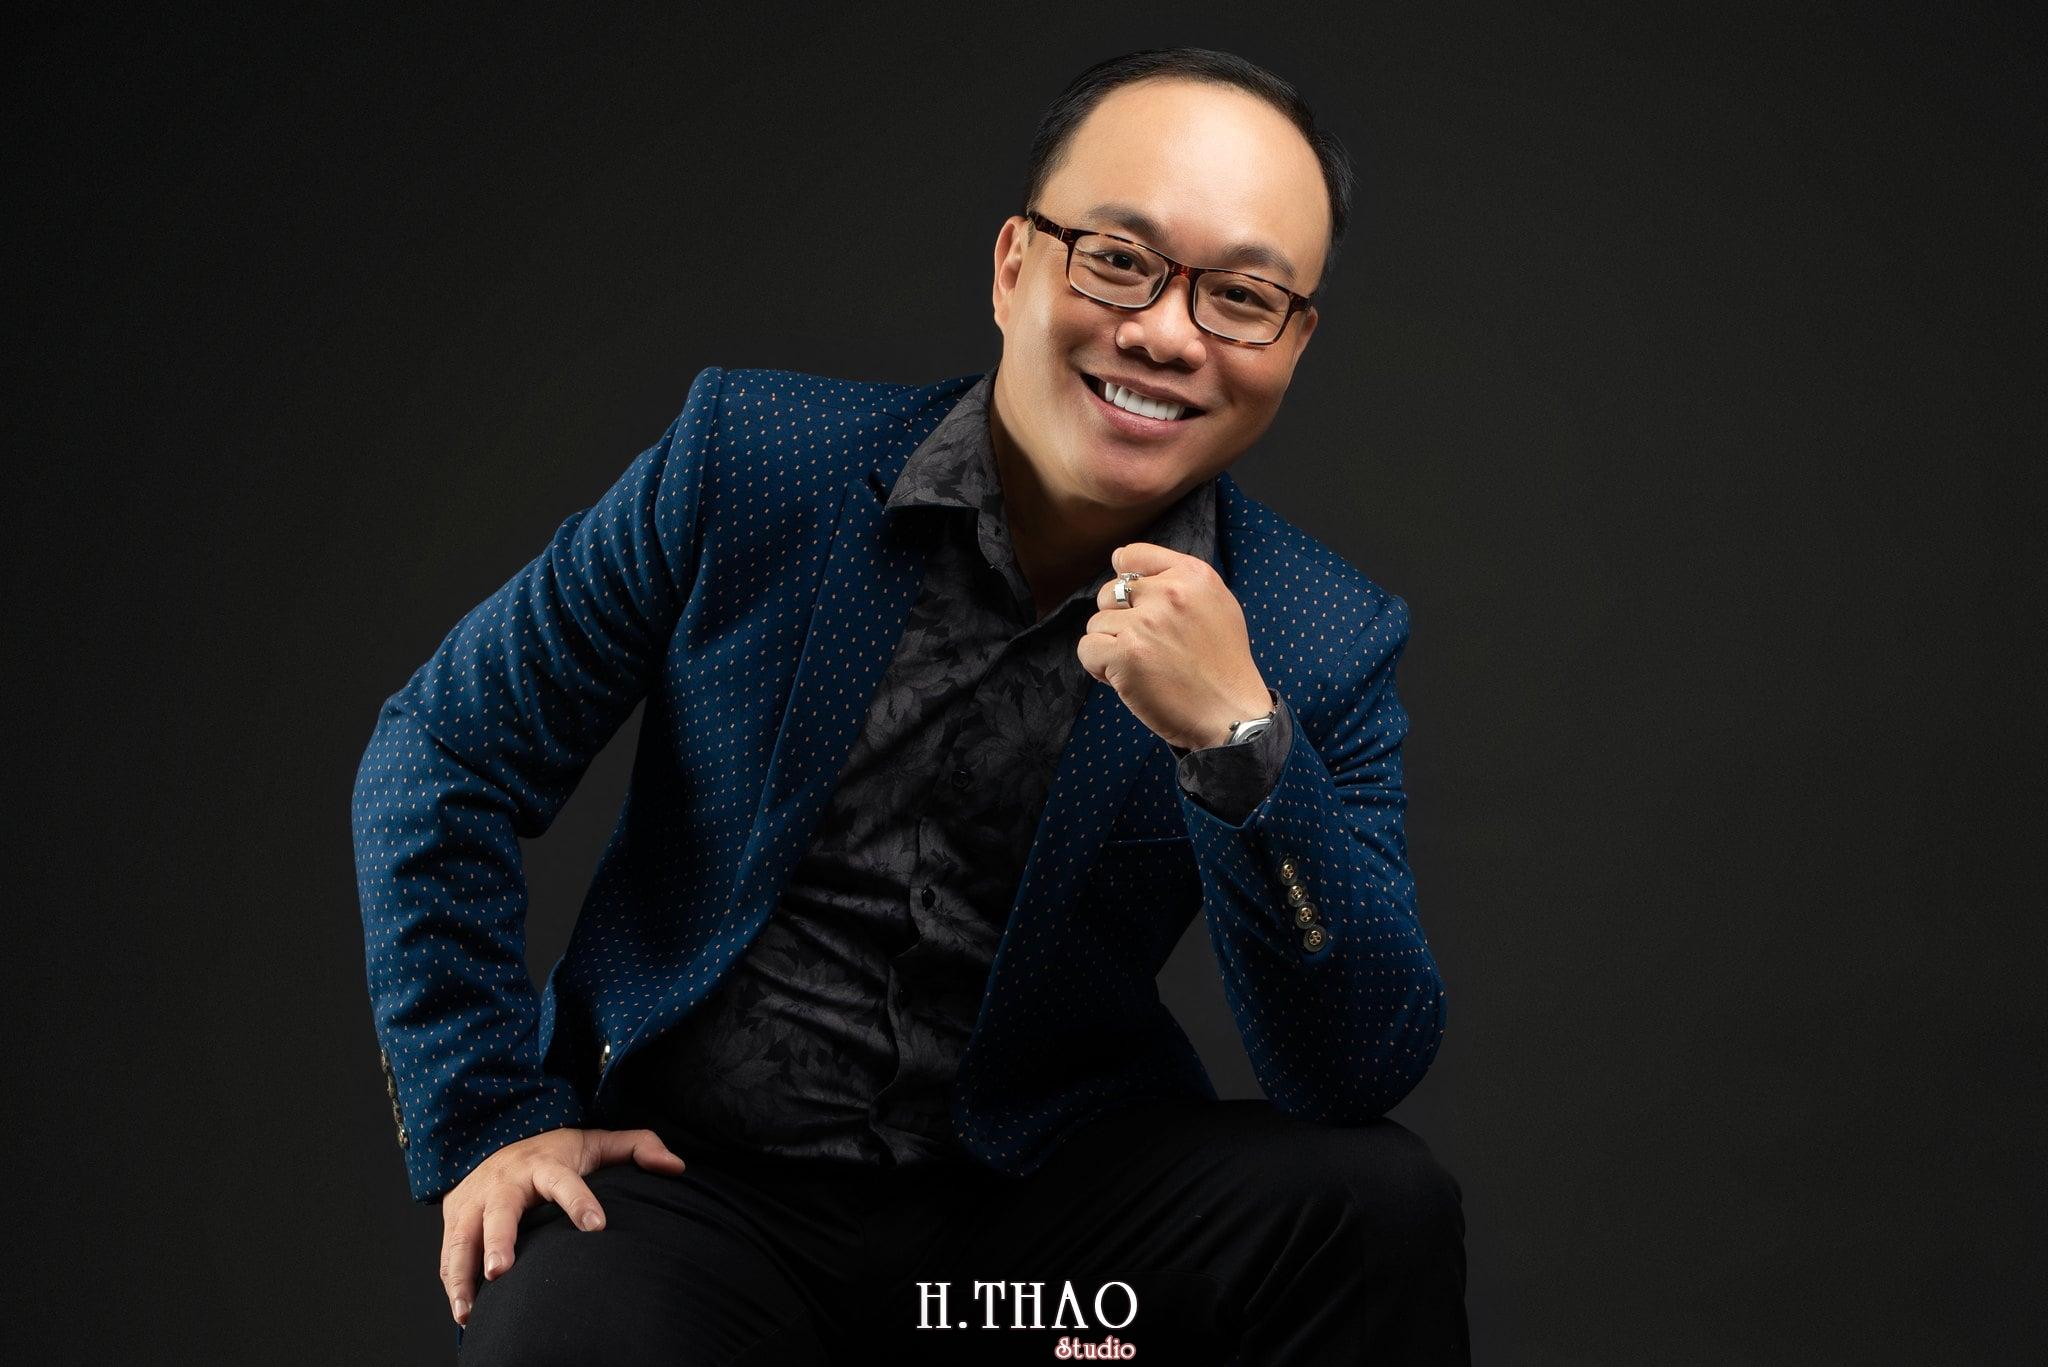 Anh Duy An 8 min - Album ảnh giảng viên, tiến sĩ Duy Ân trẻ tuổi năng động - HThao Studio